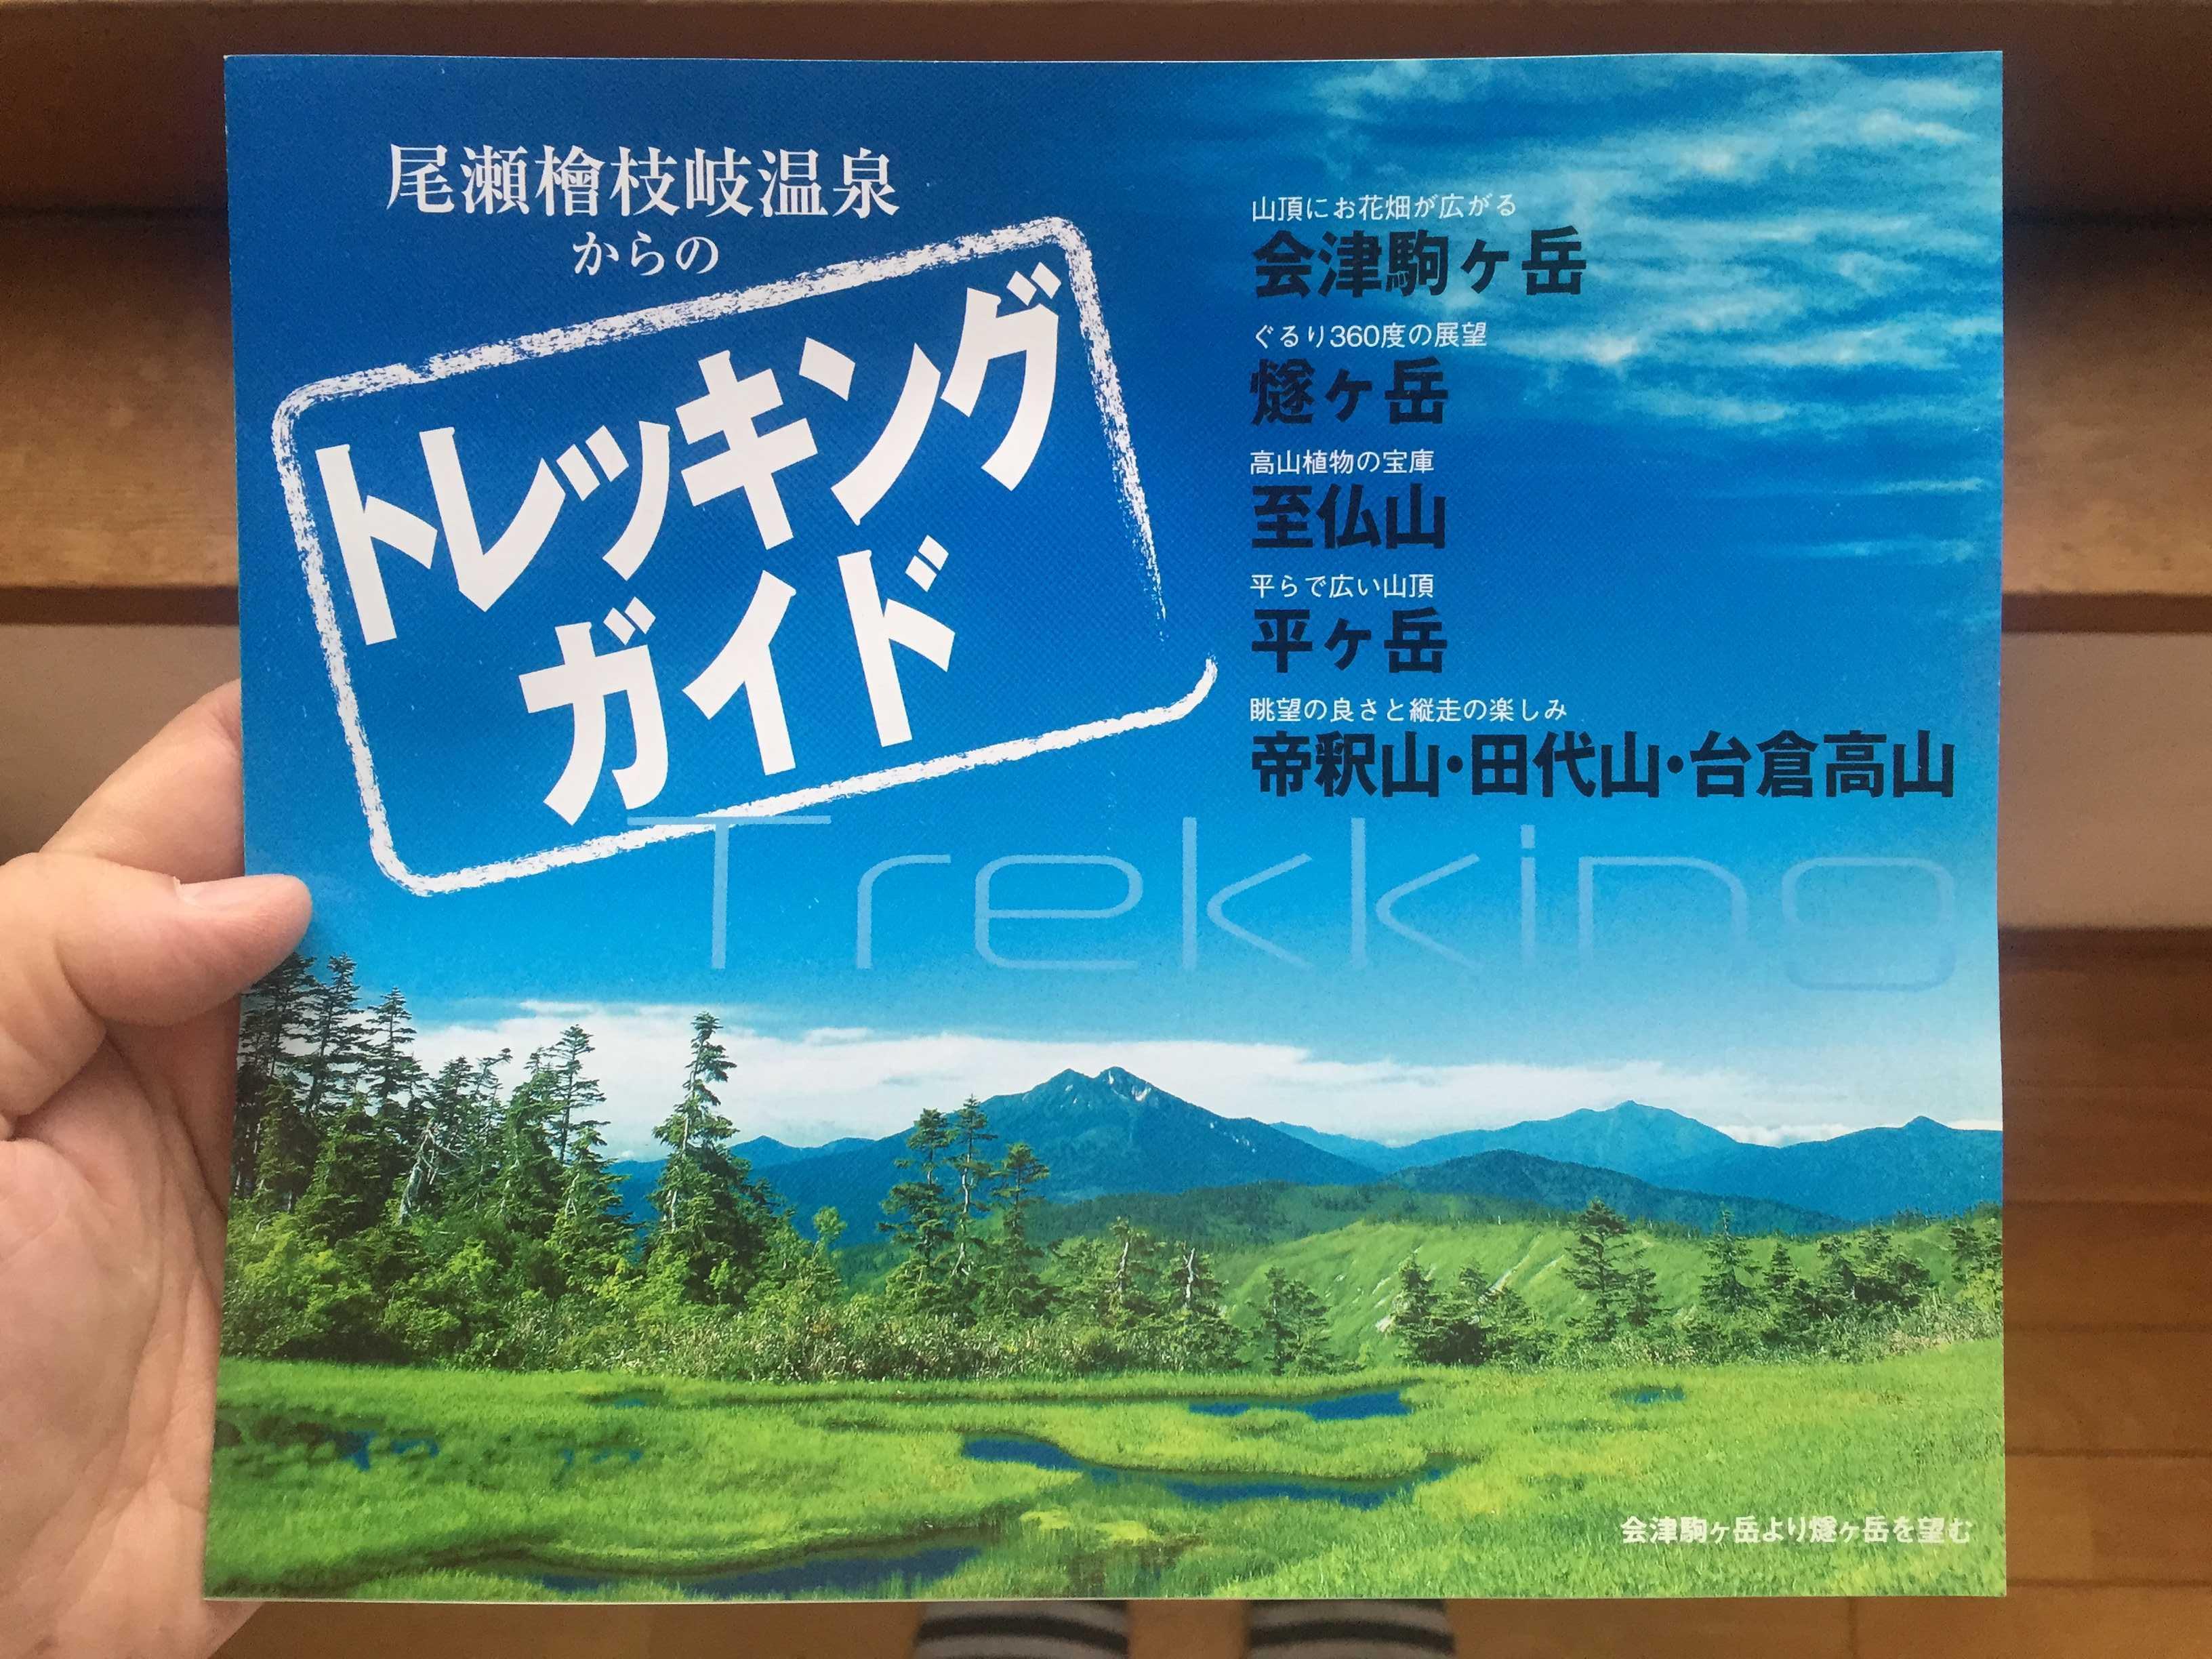 尾瀬檜枝岐温泉からのトレッキングガイド - 会津駒ヶ岳から燧ヶ岳を望む